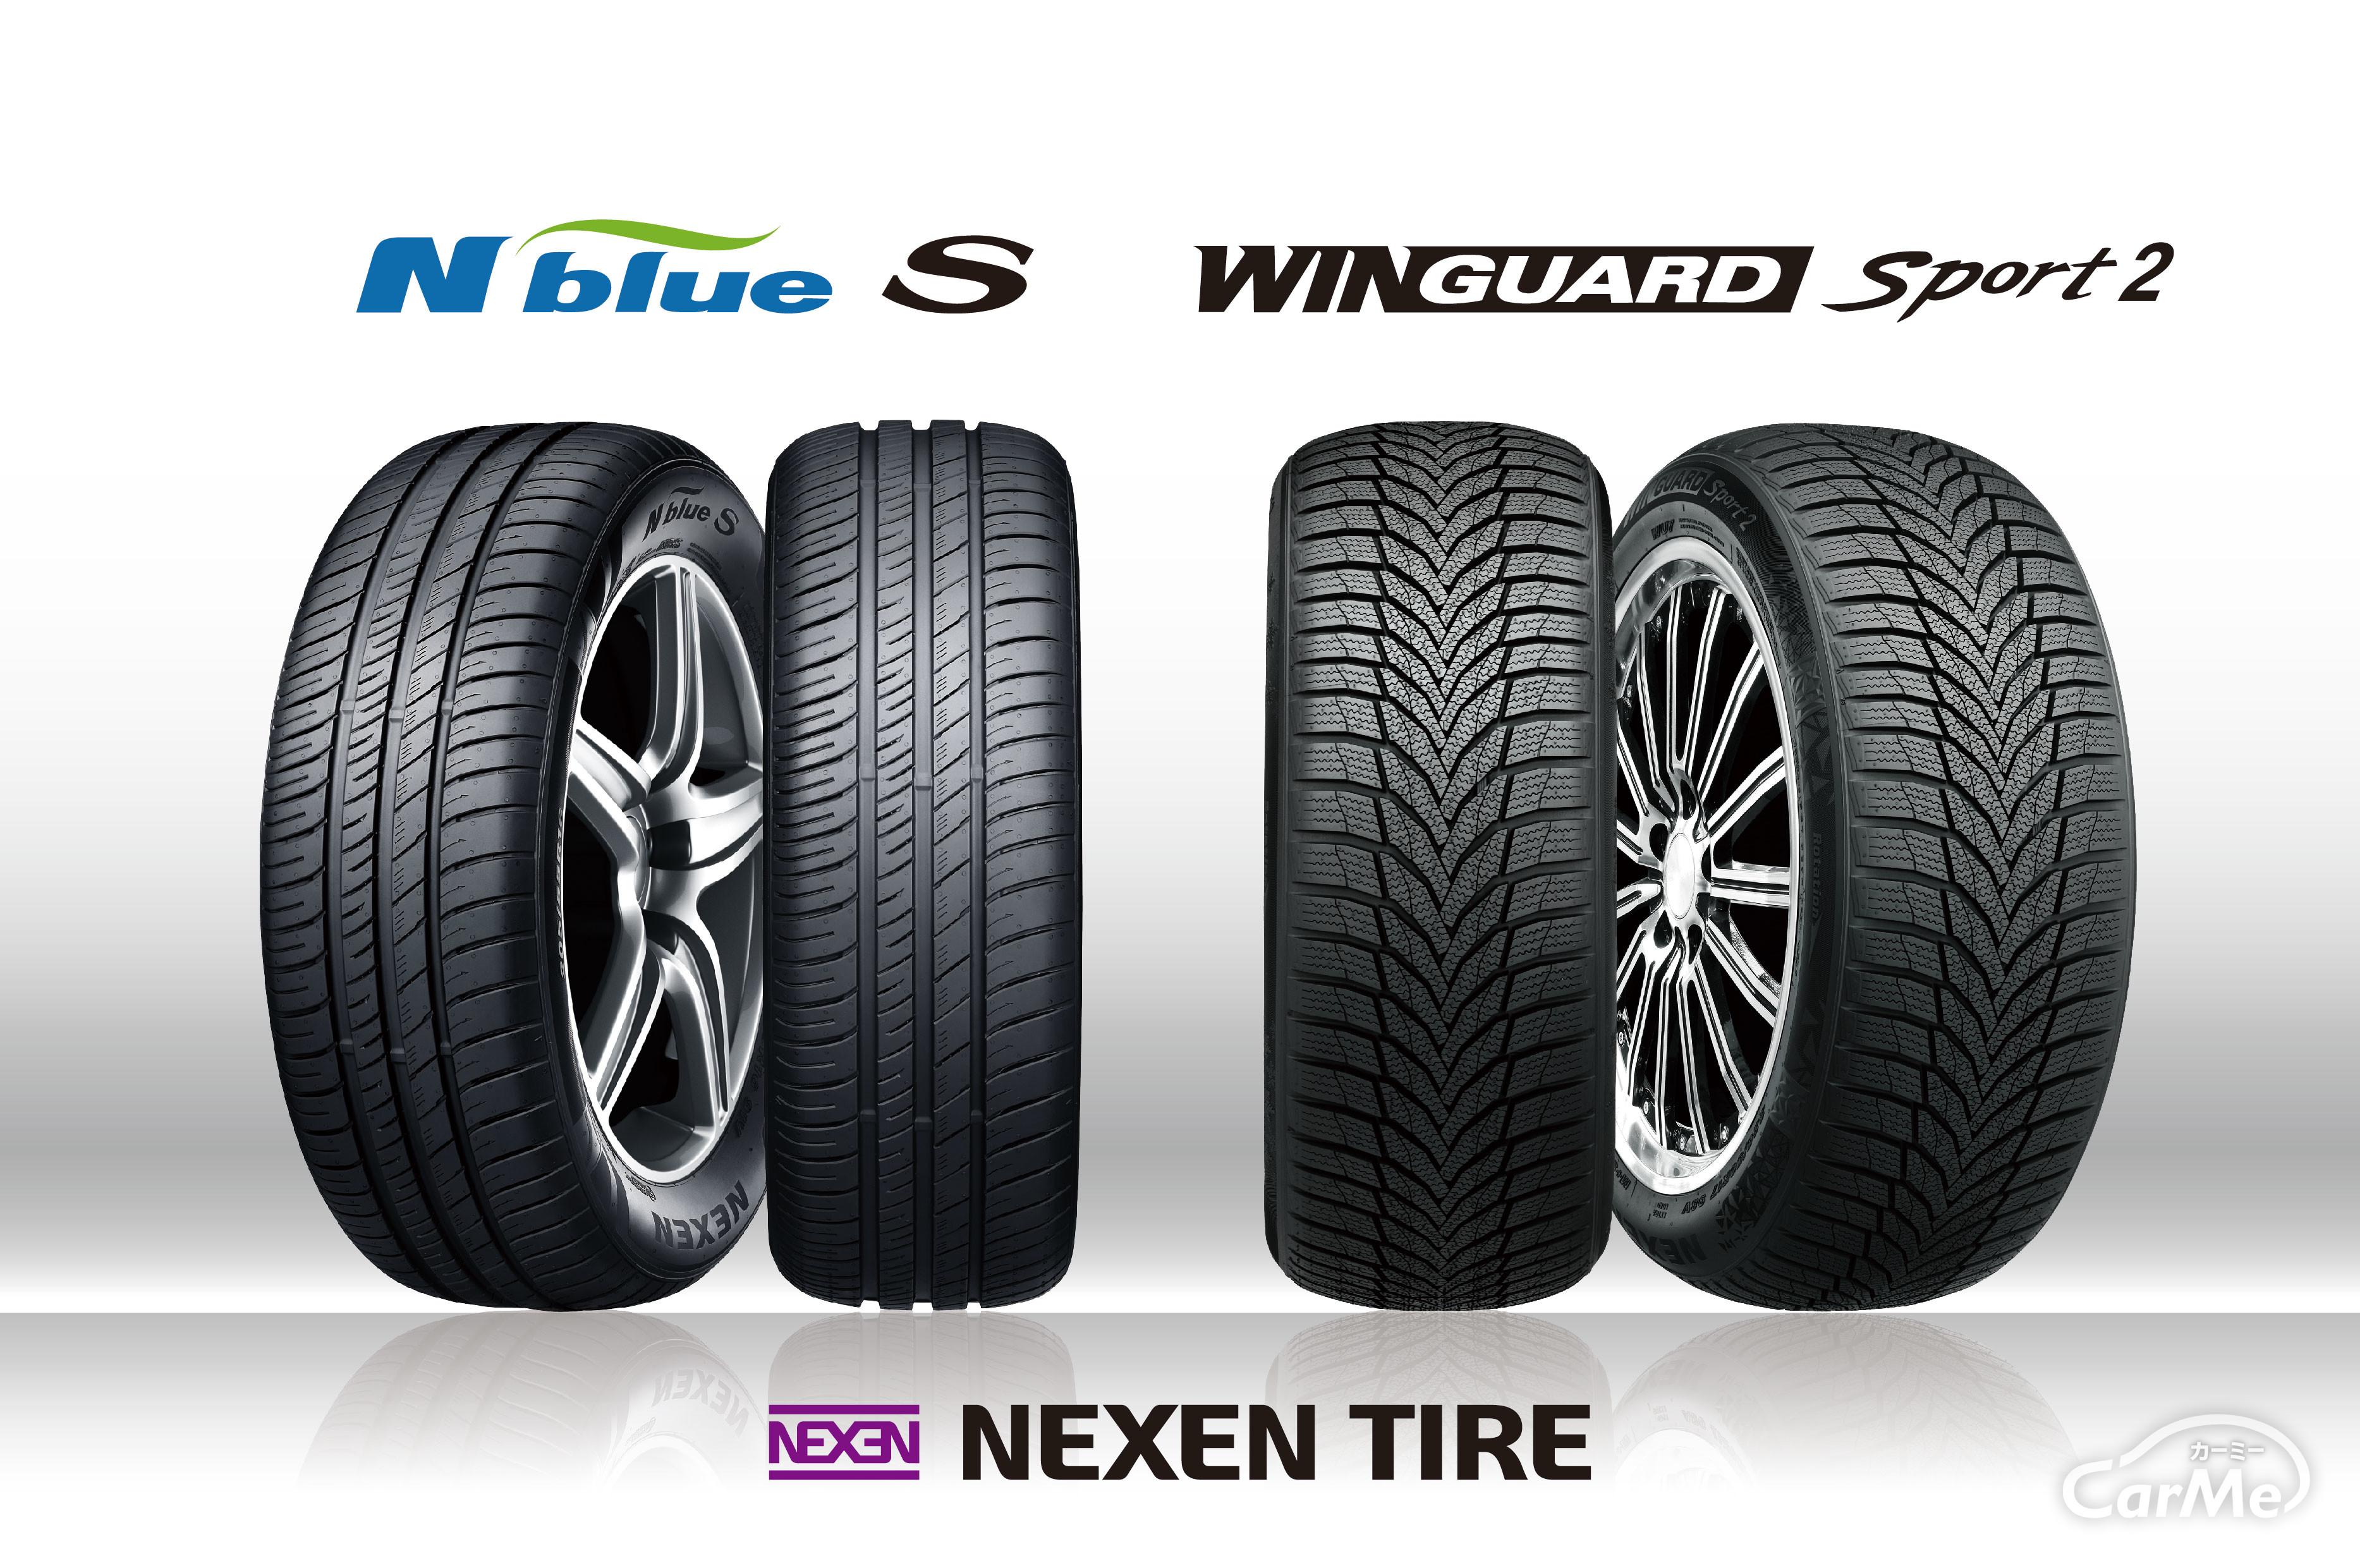 フォルクスワーゲン ゴルフ 新型モデルの新車装着タイヤをネクセンタイヤが供給